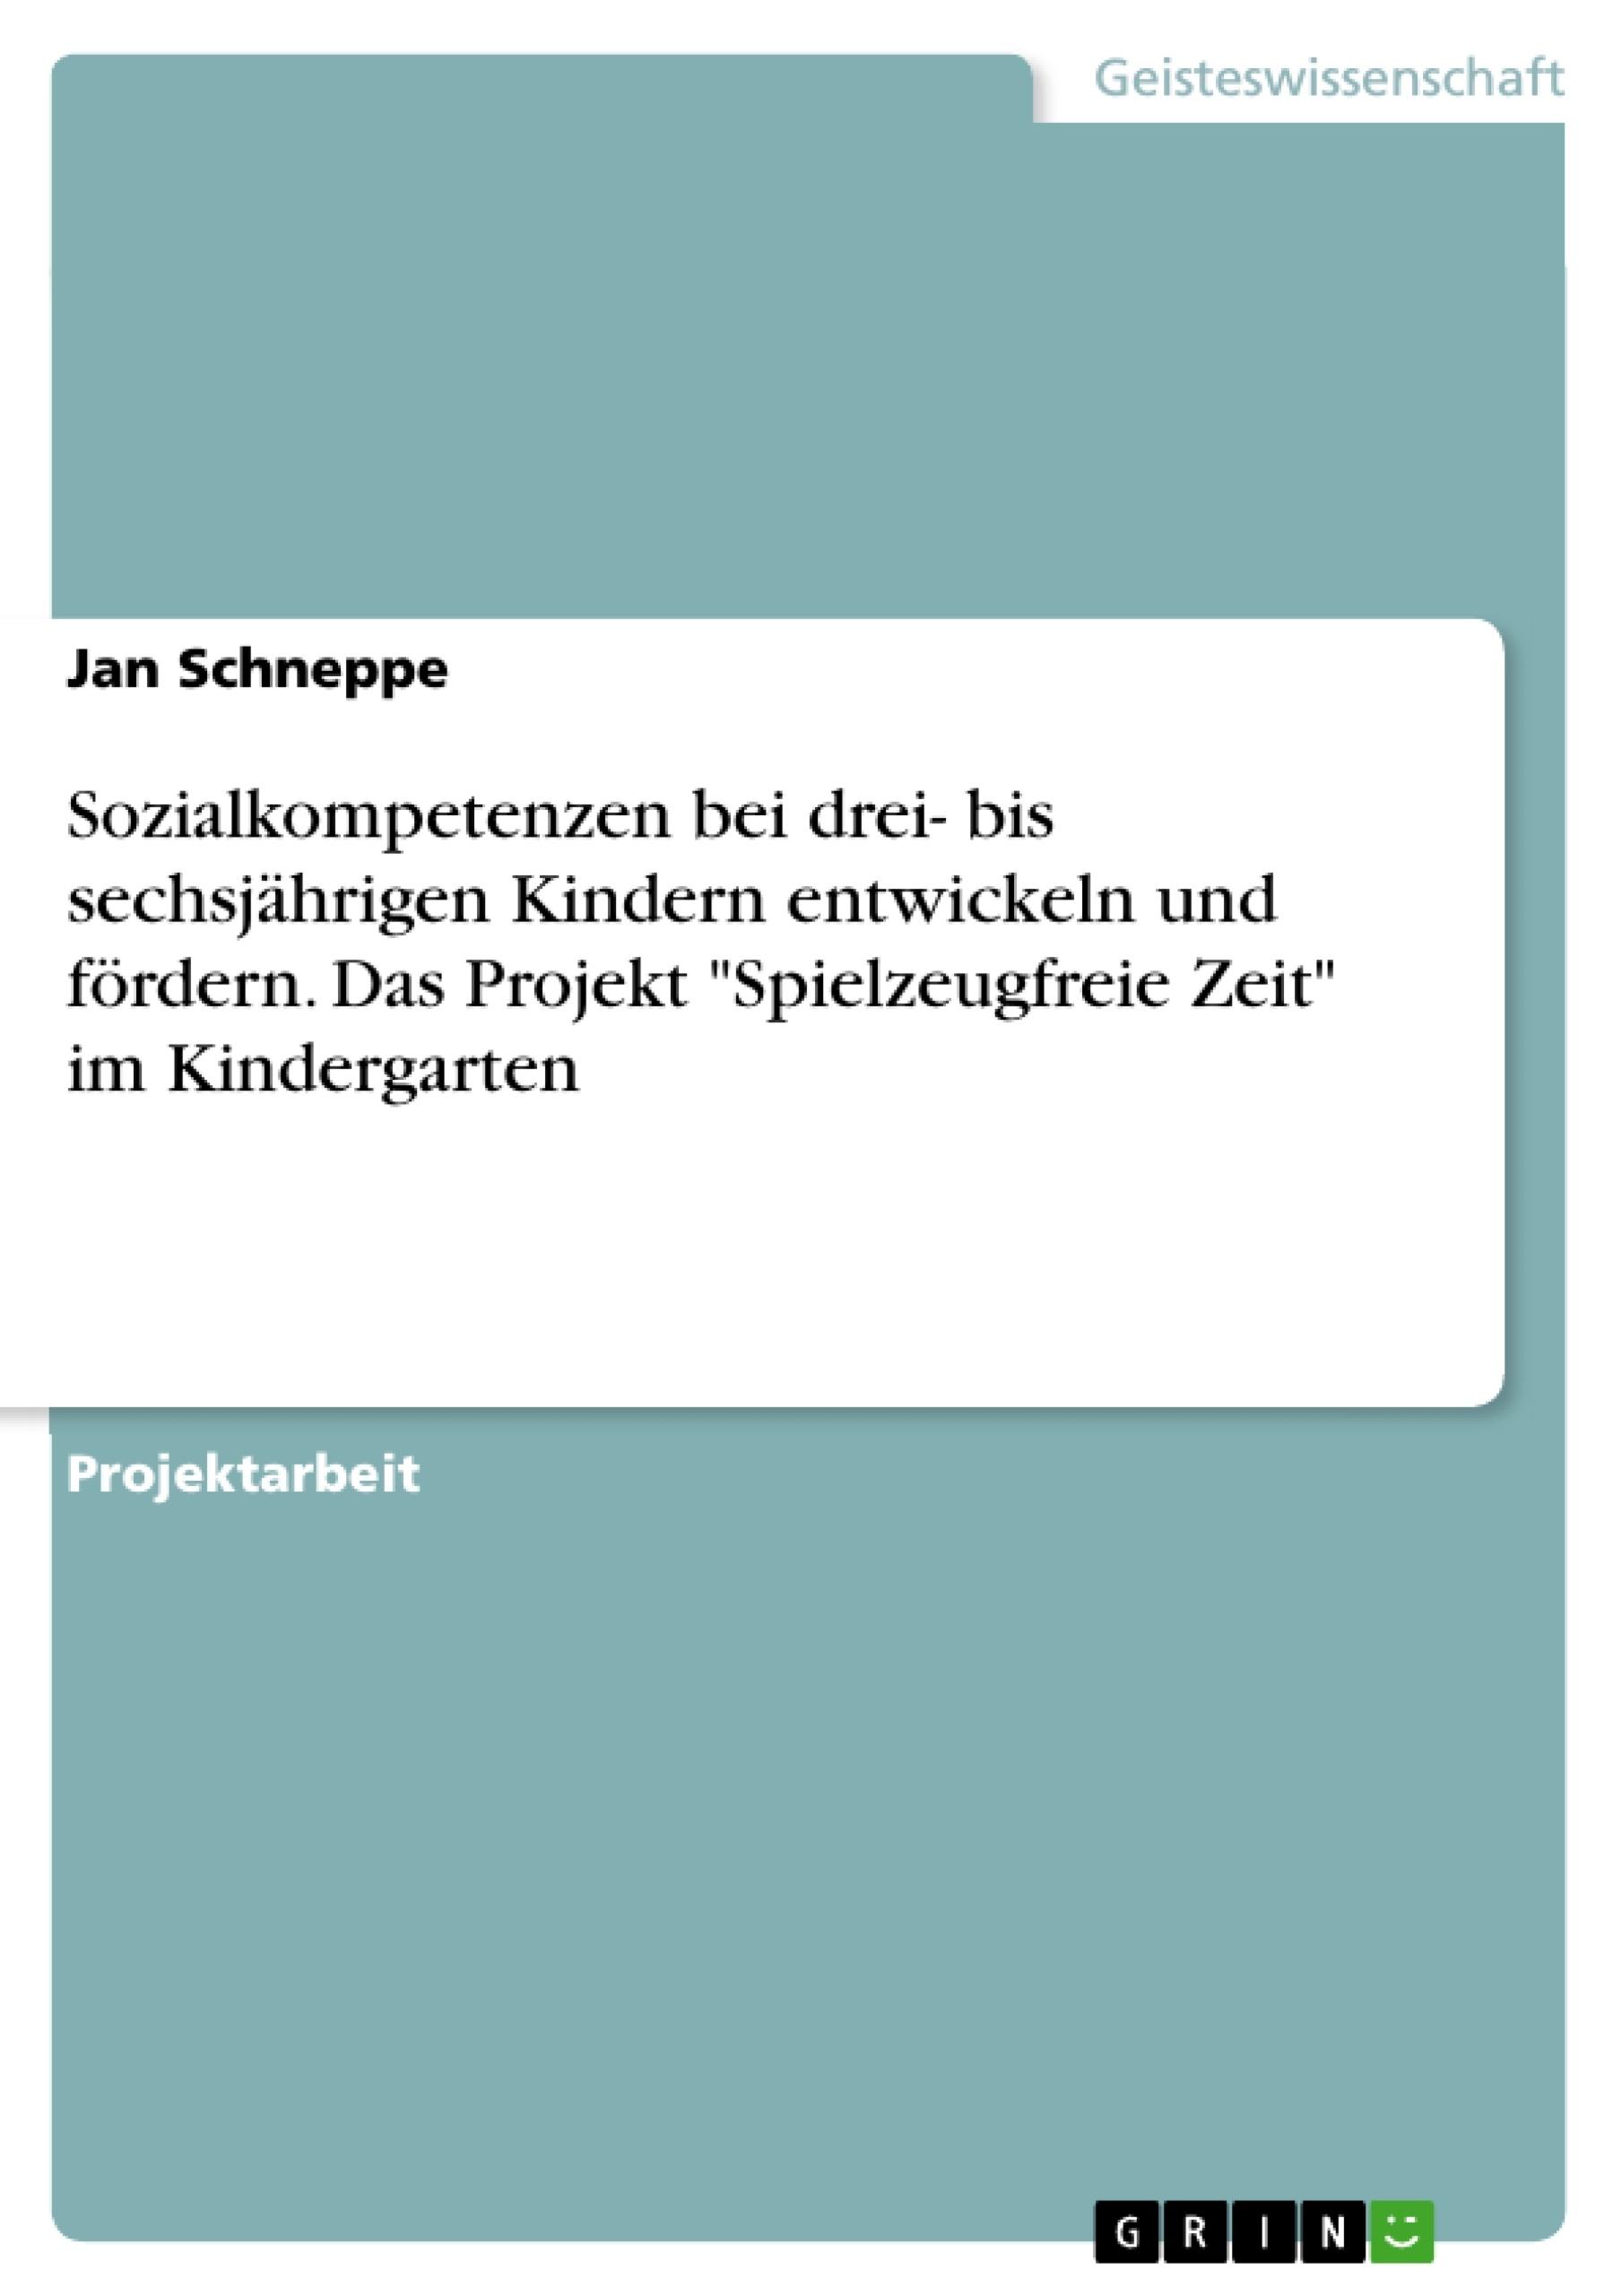 """Titel: Sozialkompetenzen bei drei- bis sechsjährigen Kindern entwickeln und fördern. Das Projekt """"Spielzeugfreie Zeit"""" im Kindergarten"""